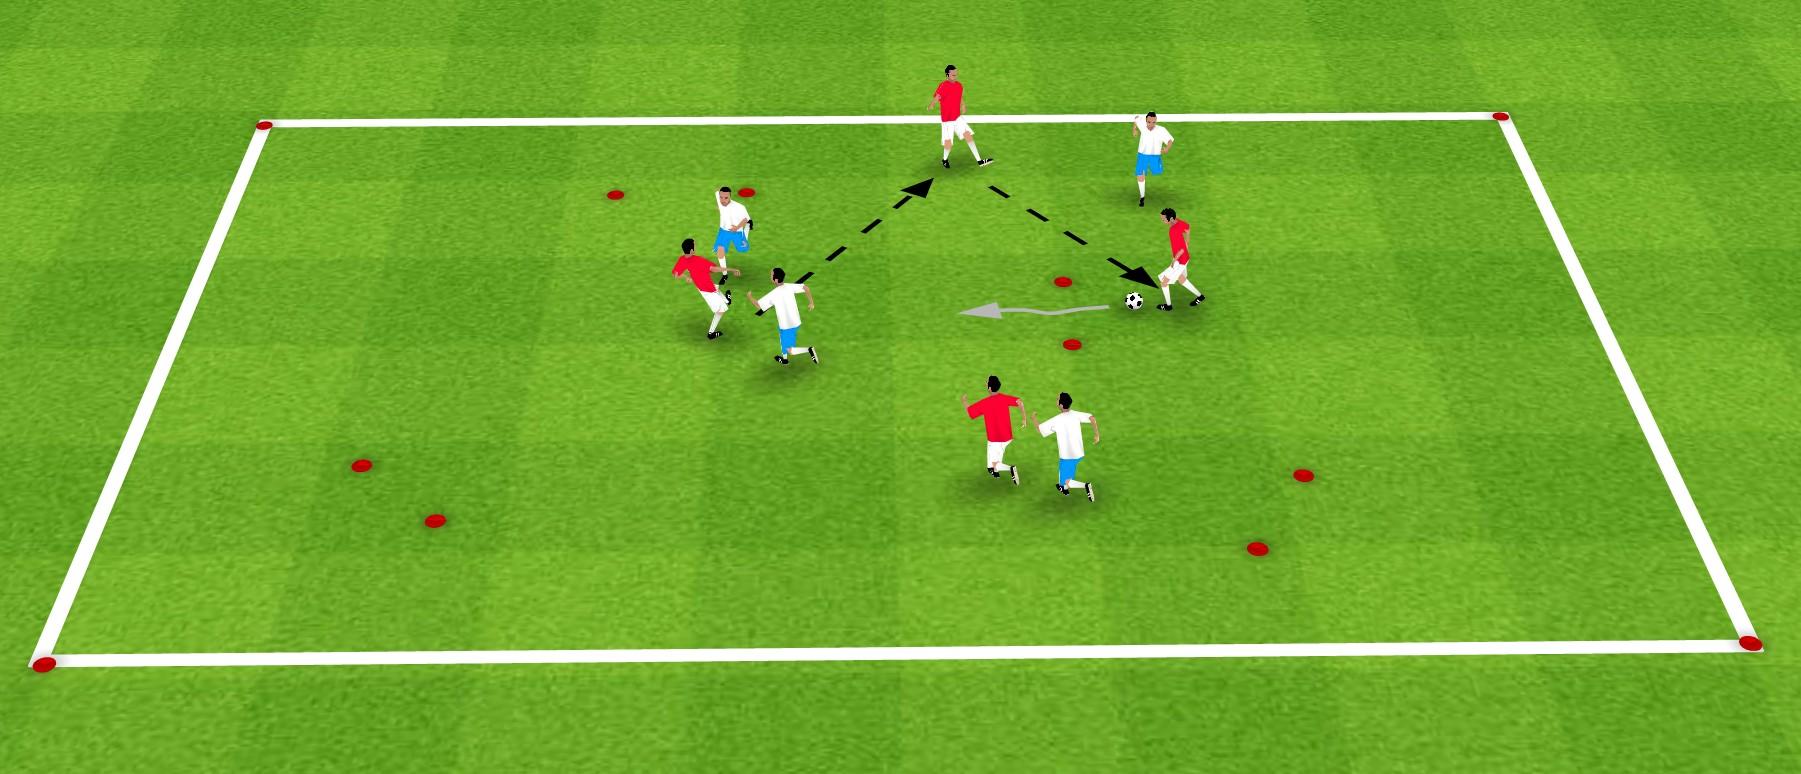 足球教案:一套提高球员控球能力的综合训练方